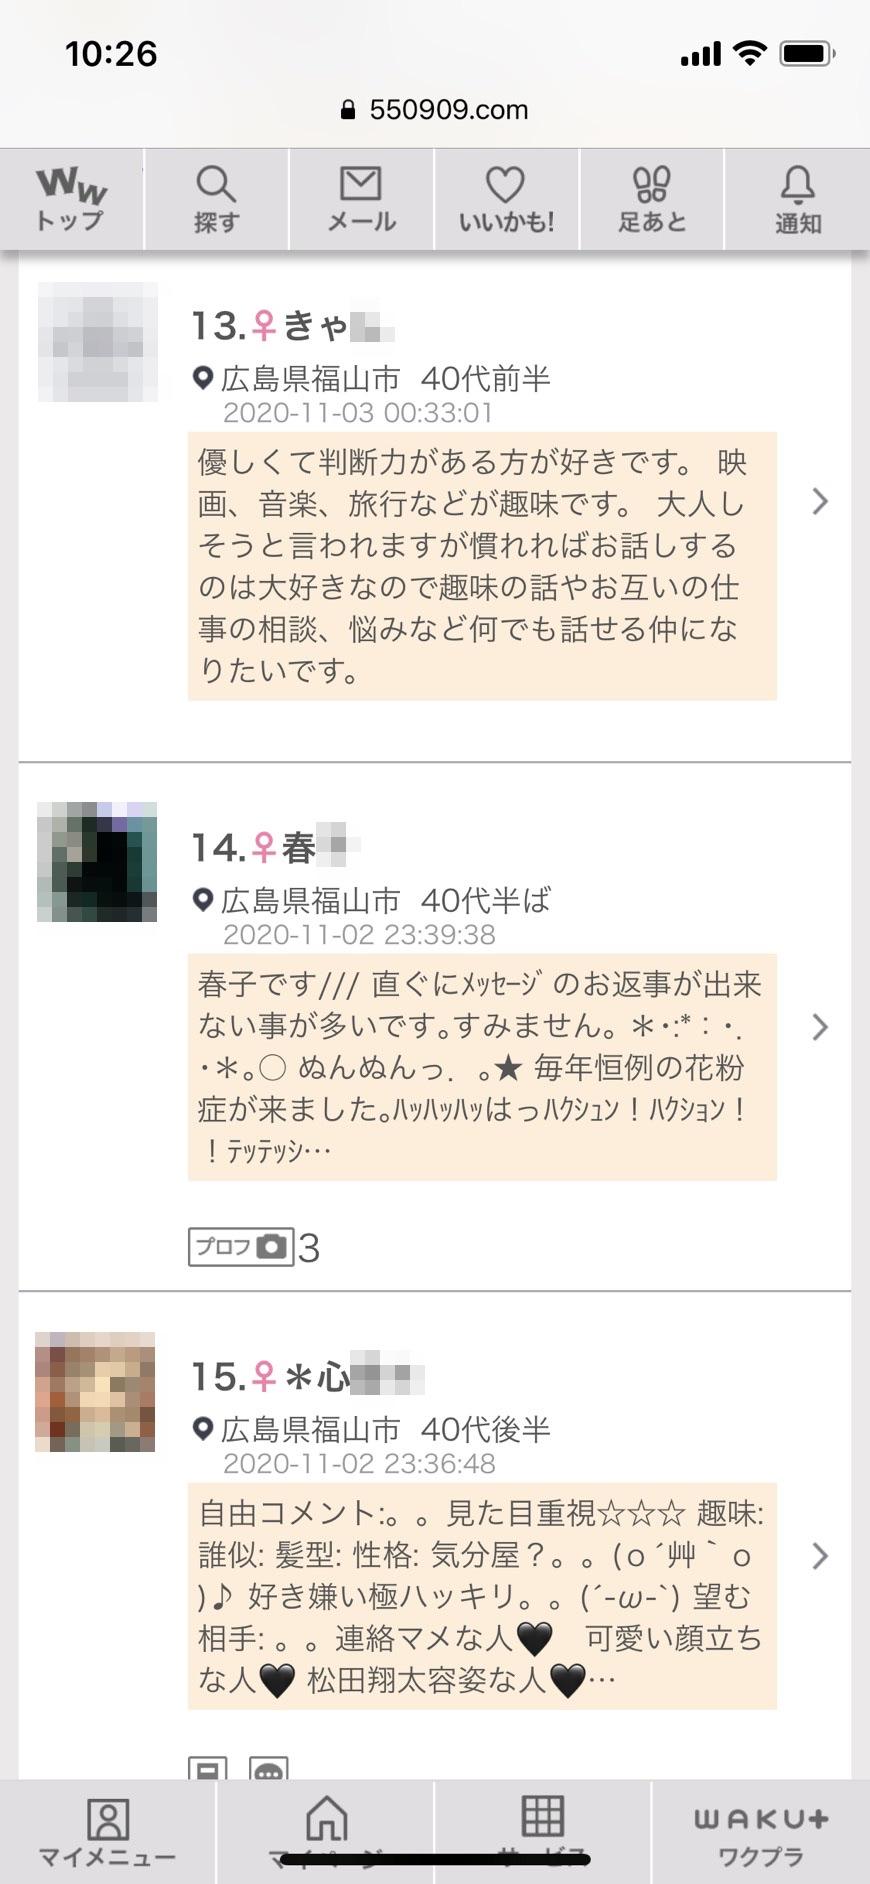 福山・出会い希望(ワクワクメール)